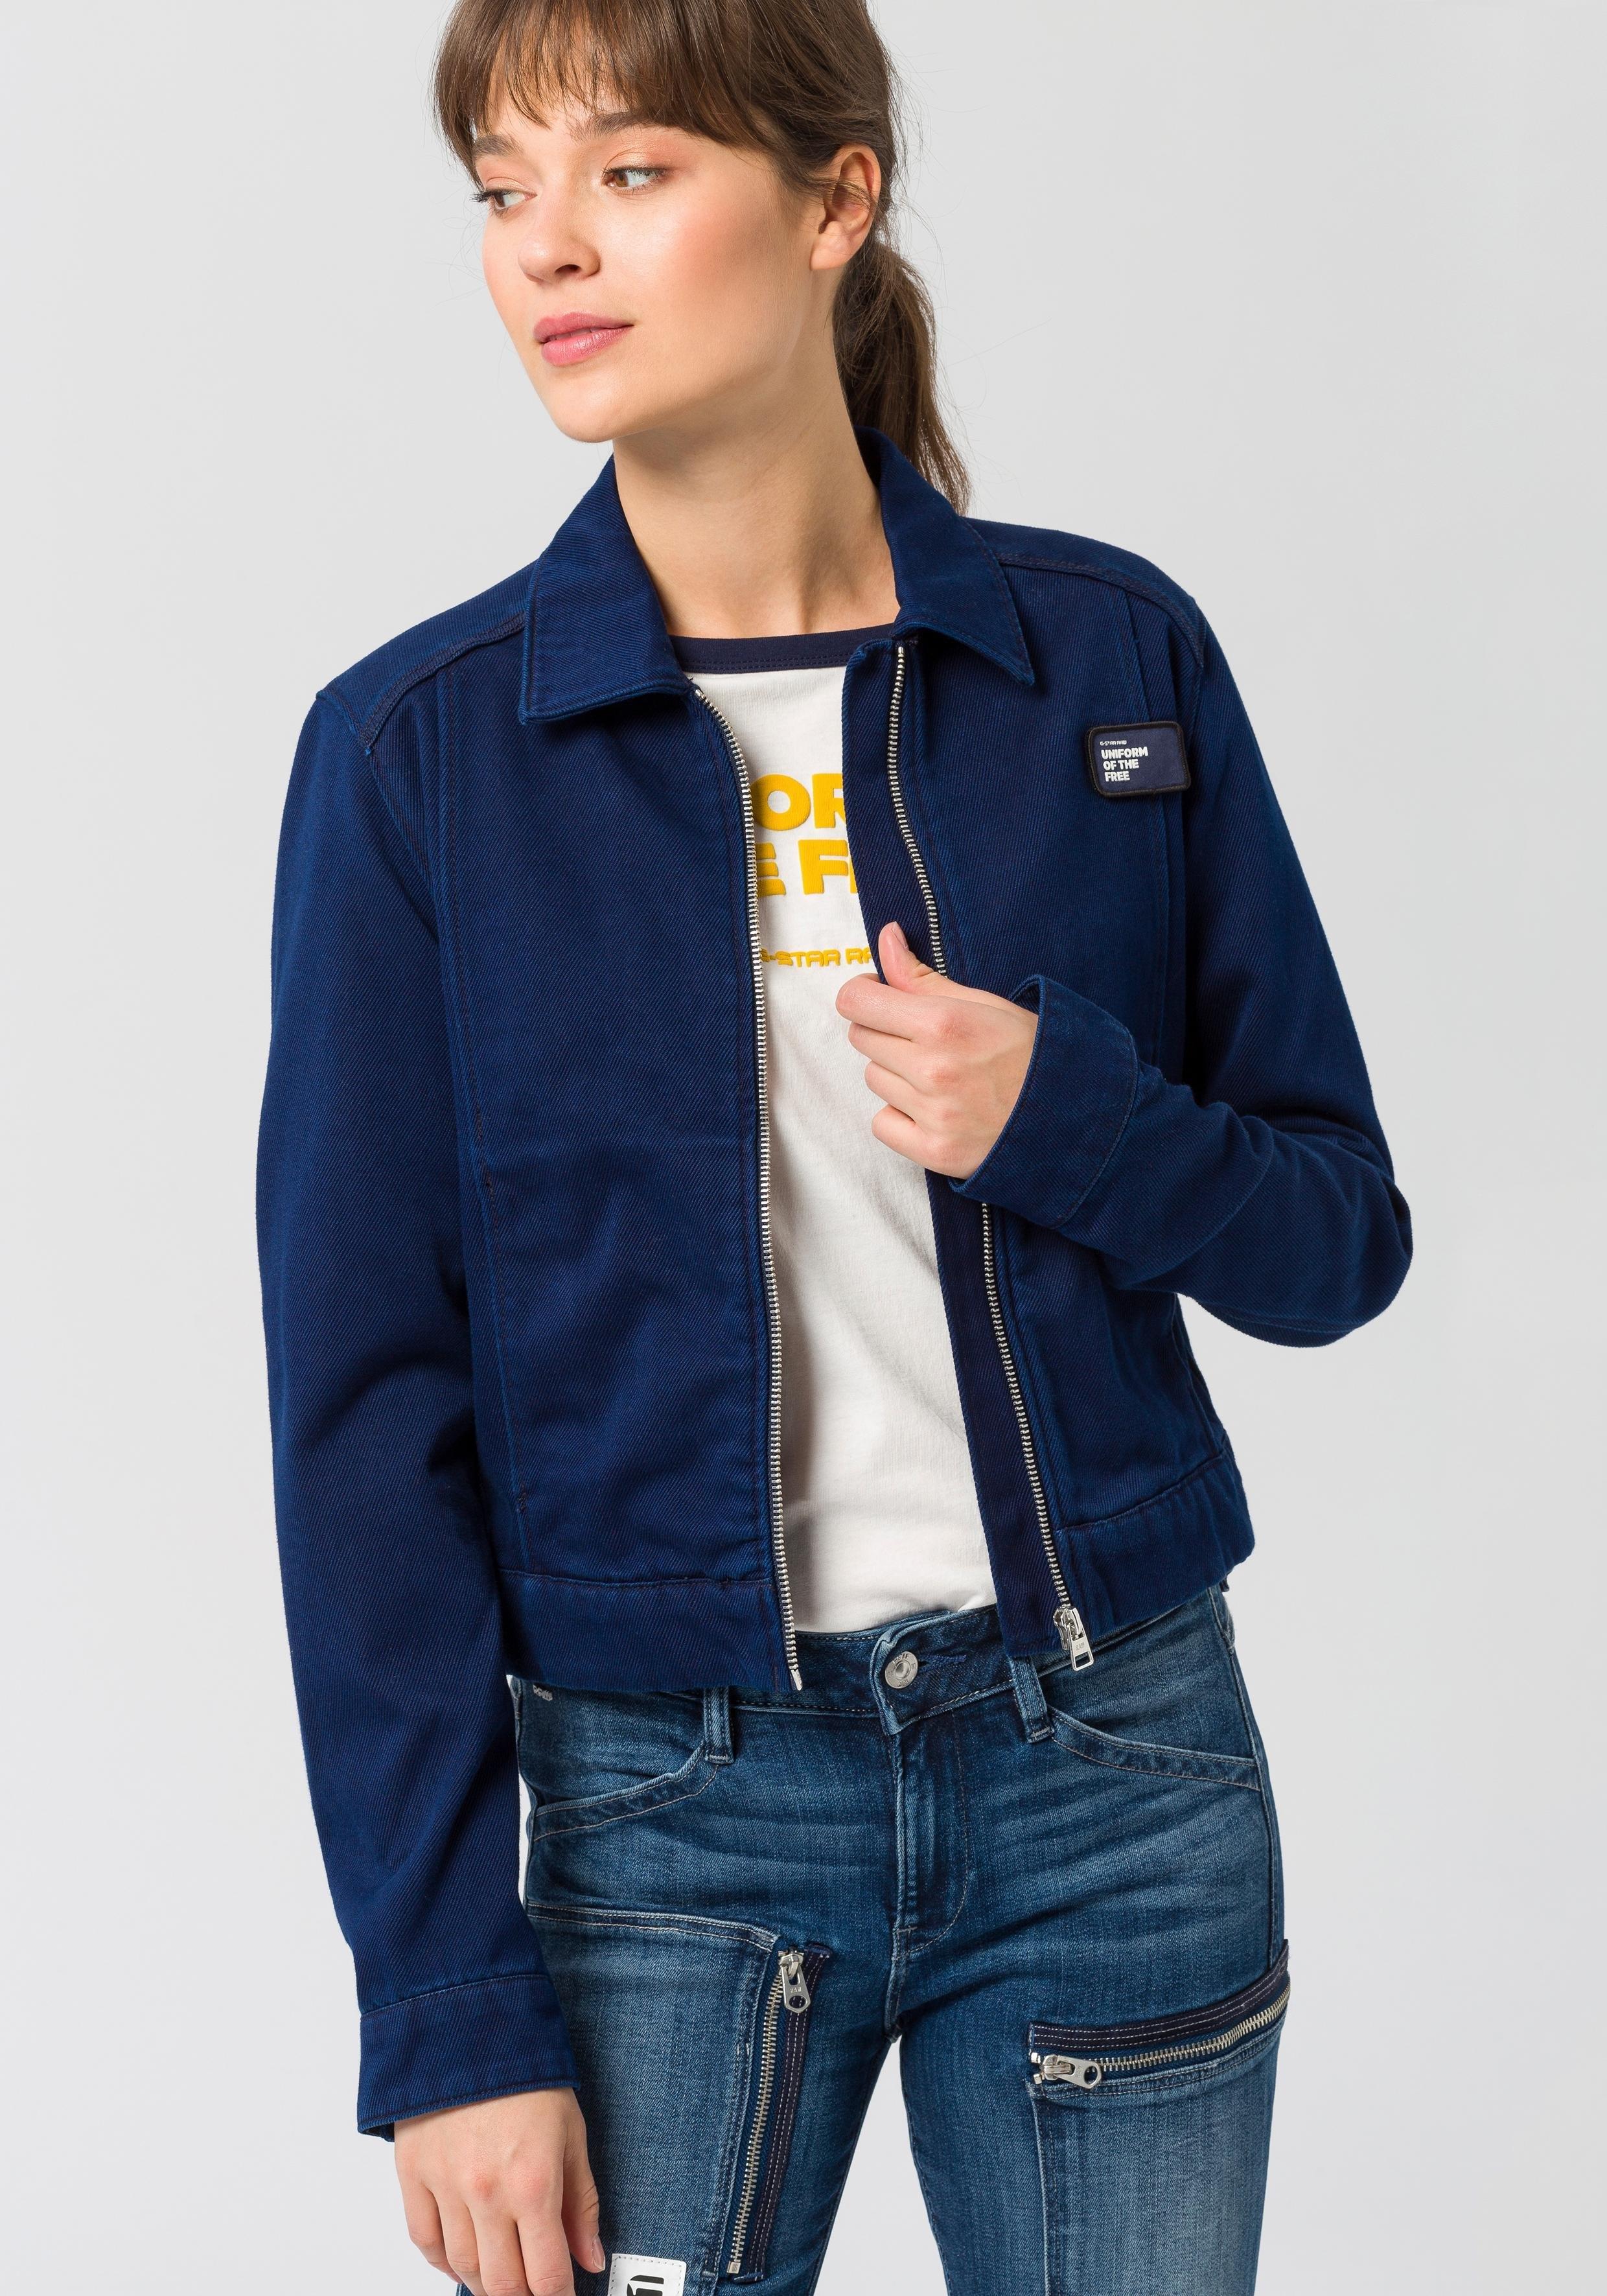 Op zoek naar een G-star Raw blousonjack »Workwear crp jkt wmn«? Koop online bij OTTO